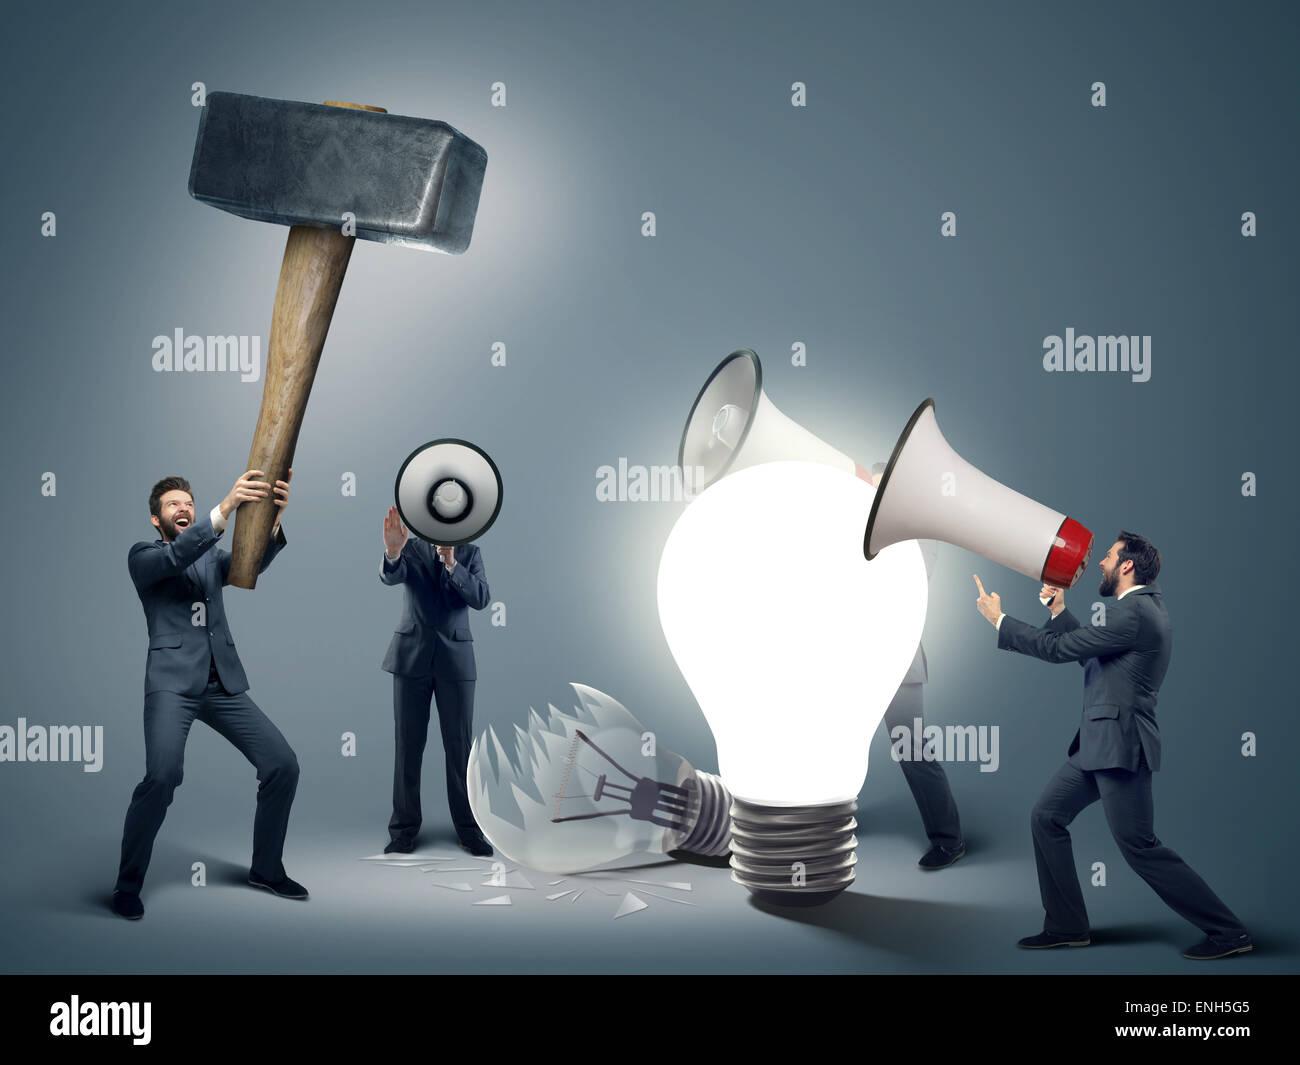 Immagine concettuale di imprenditori intelligenti con i simboli delle finanze Immagini Stock